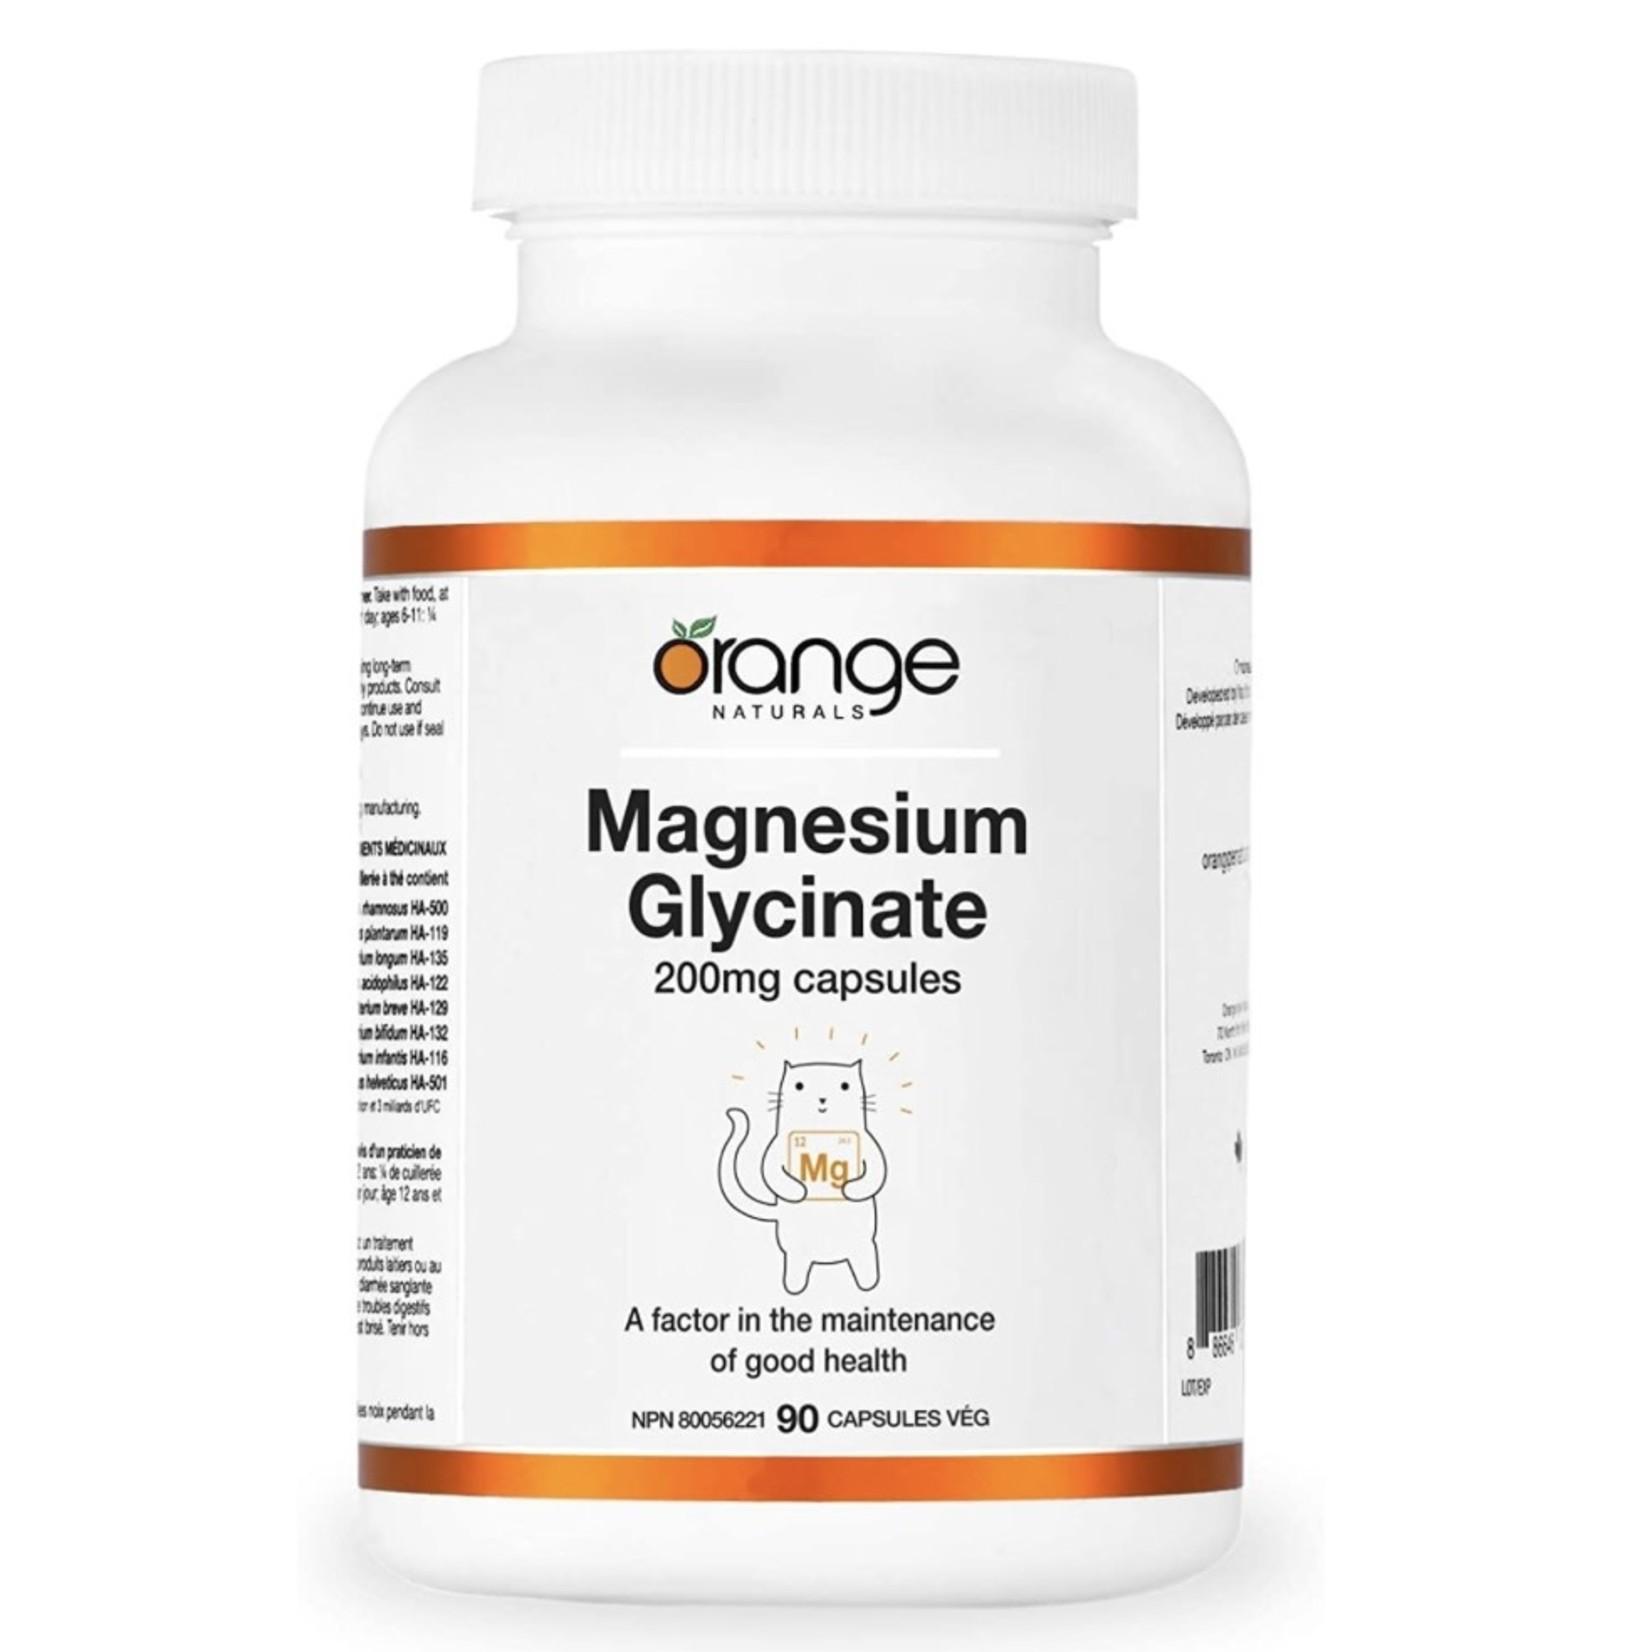 Orange Naturals Orange Naturals Magnesium Glycinate 200mg 90 caps